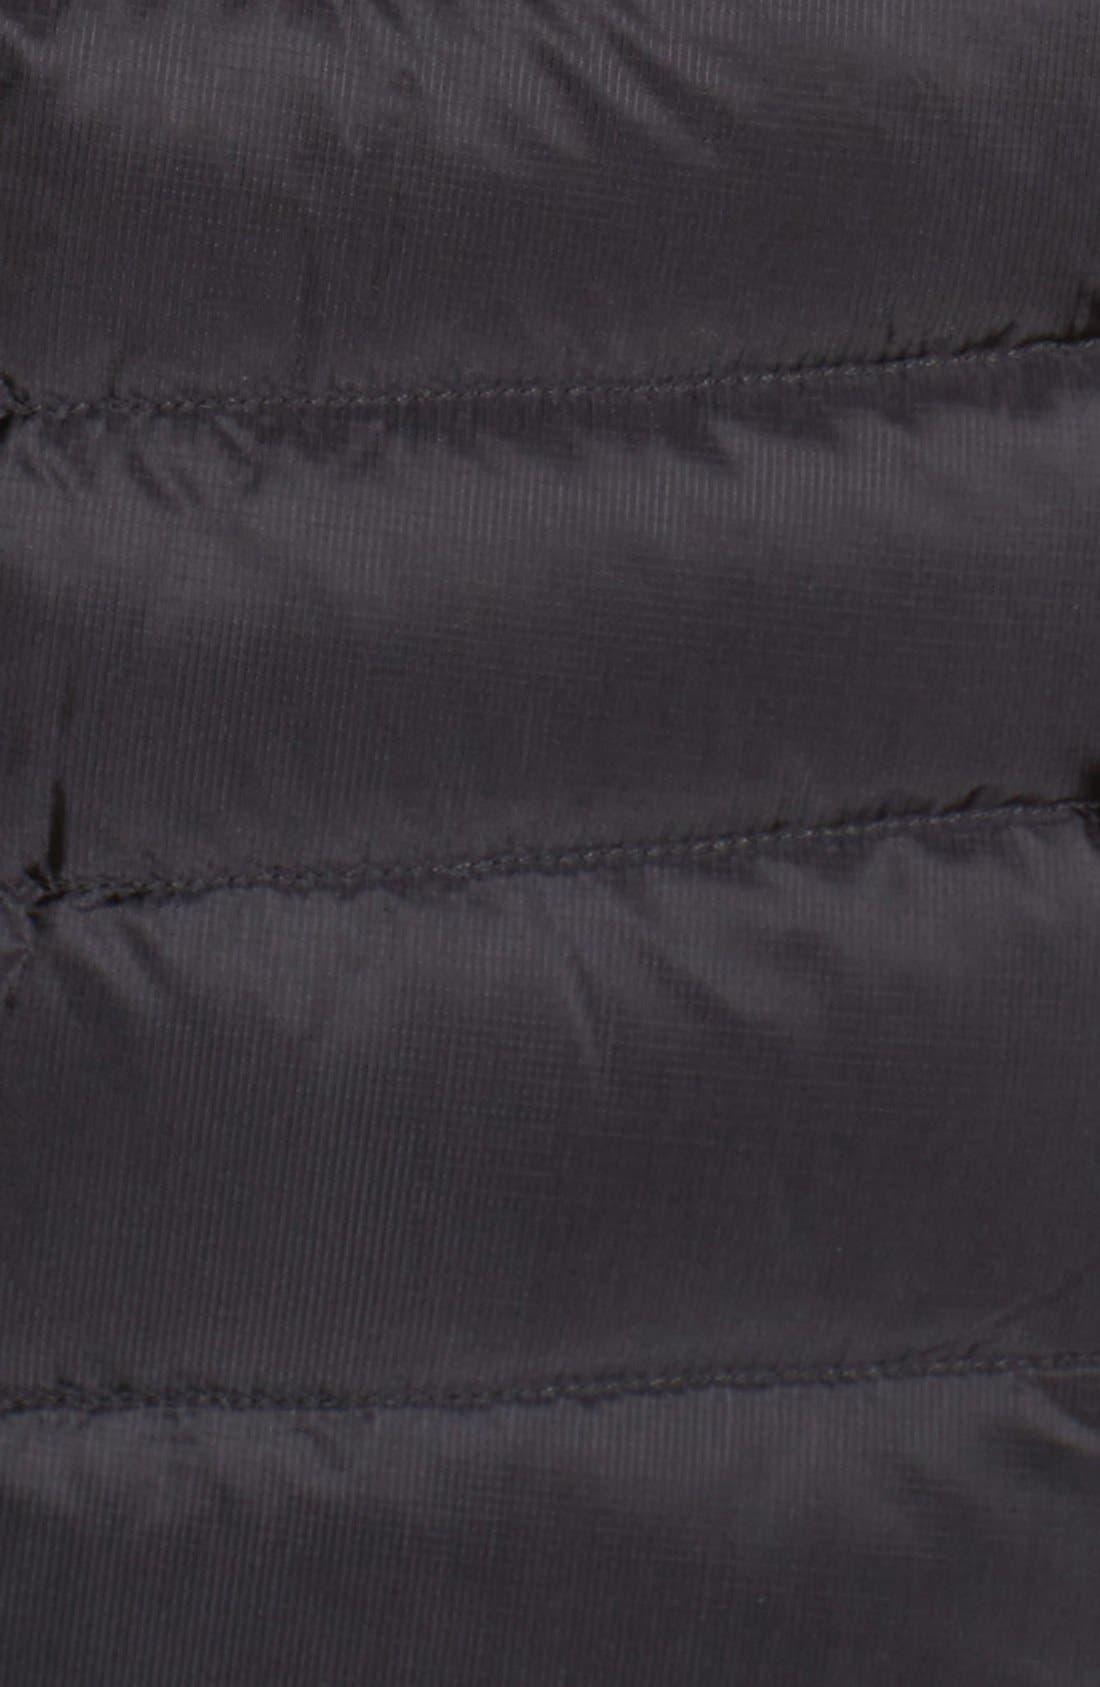 Cerium Water Resistant Down Jacket,                             Alternate thumbnail 5, color,                             Black